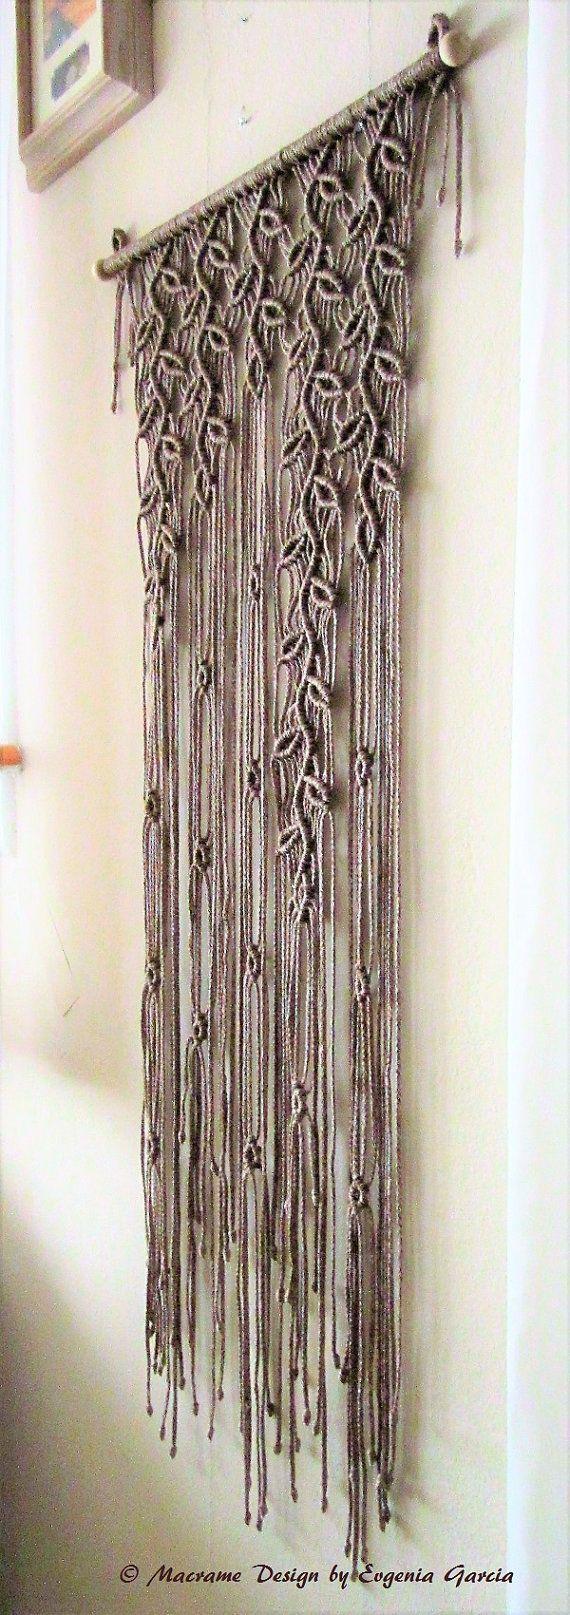 Macrame Wall Hanging Sprigs 5 Handmade Macrame Home door craft2joy